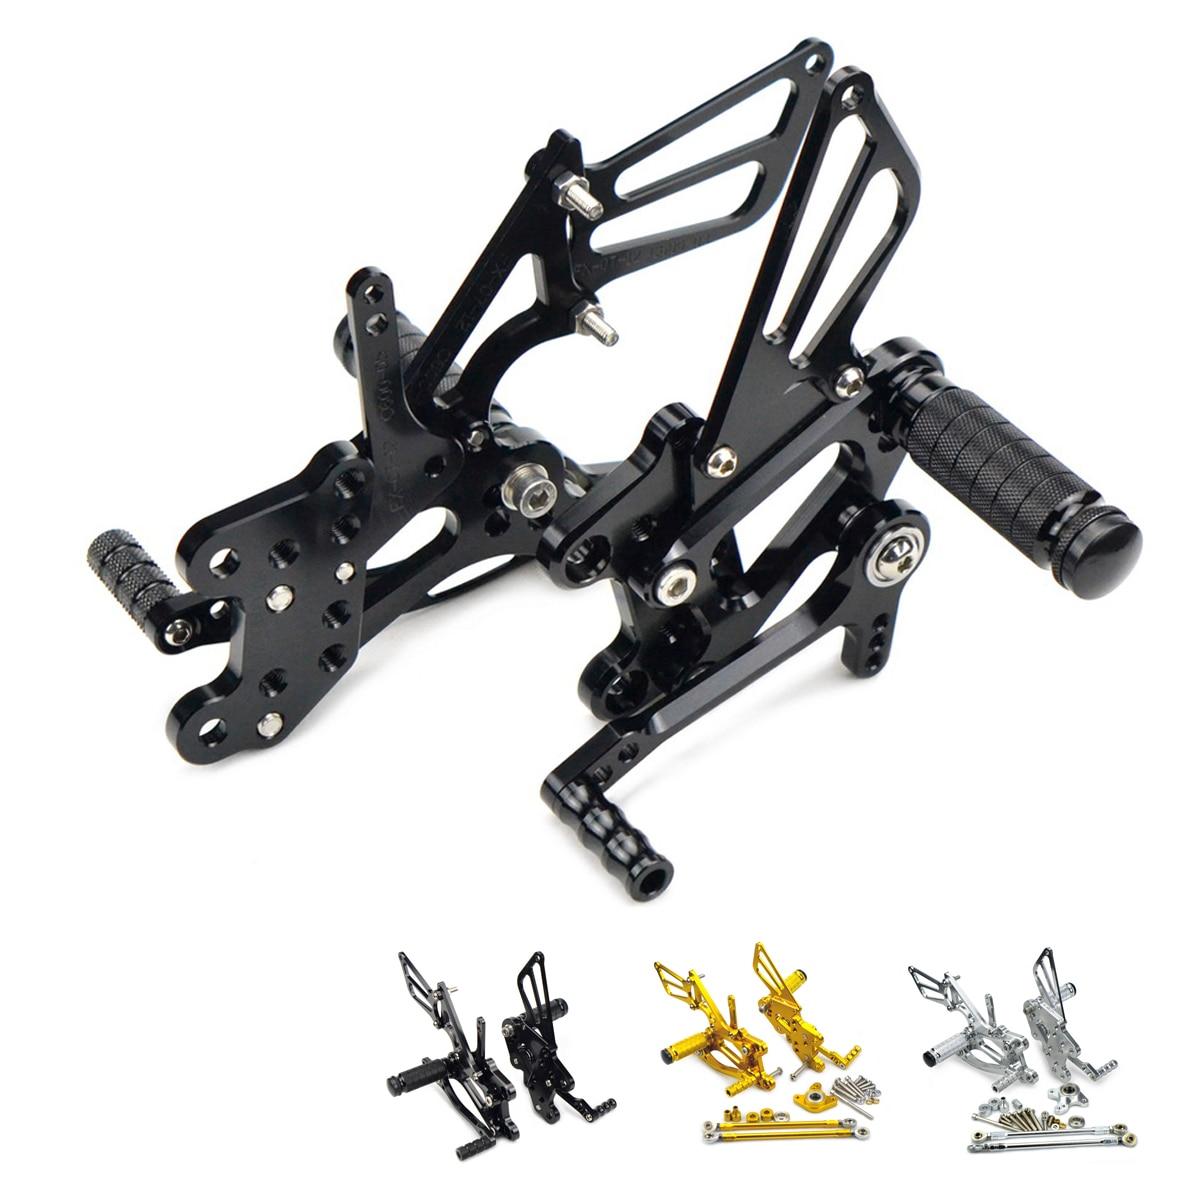 Adjustable Rearsets Footrest Foot Pegs Rear Set For Honda CBR600RR 2003-2006 CBR1000RR 2004-2007 CBR 600RR 1000RR 600 1000 RR